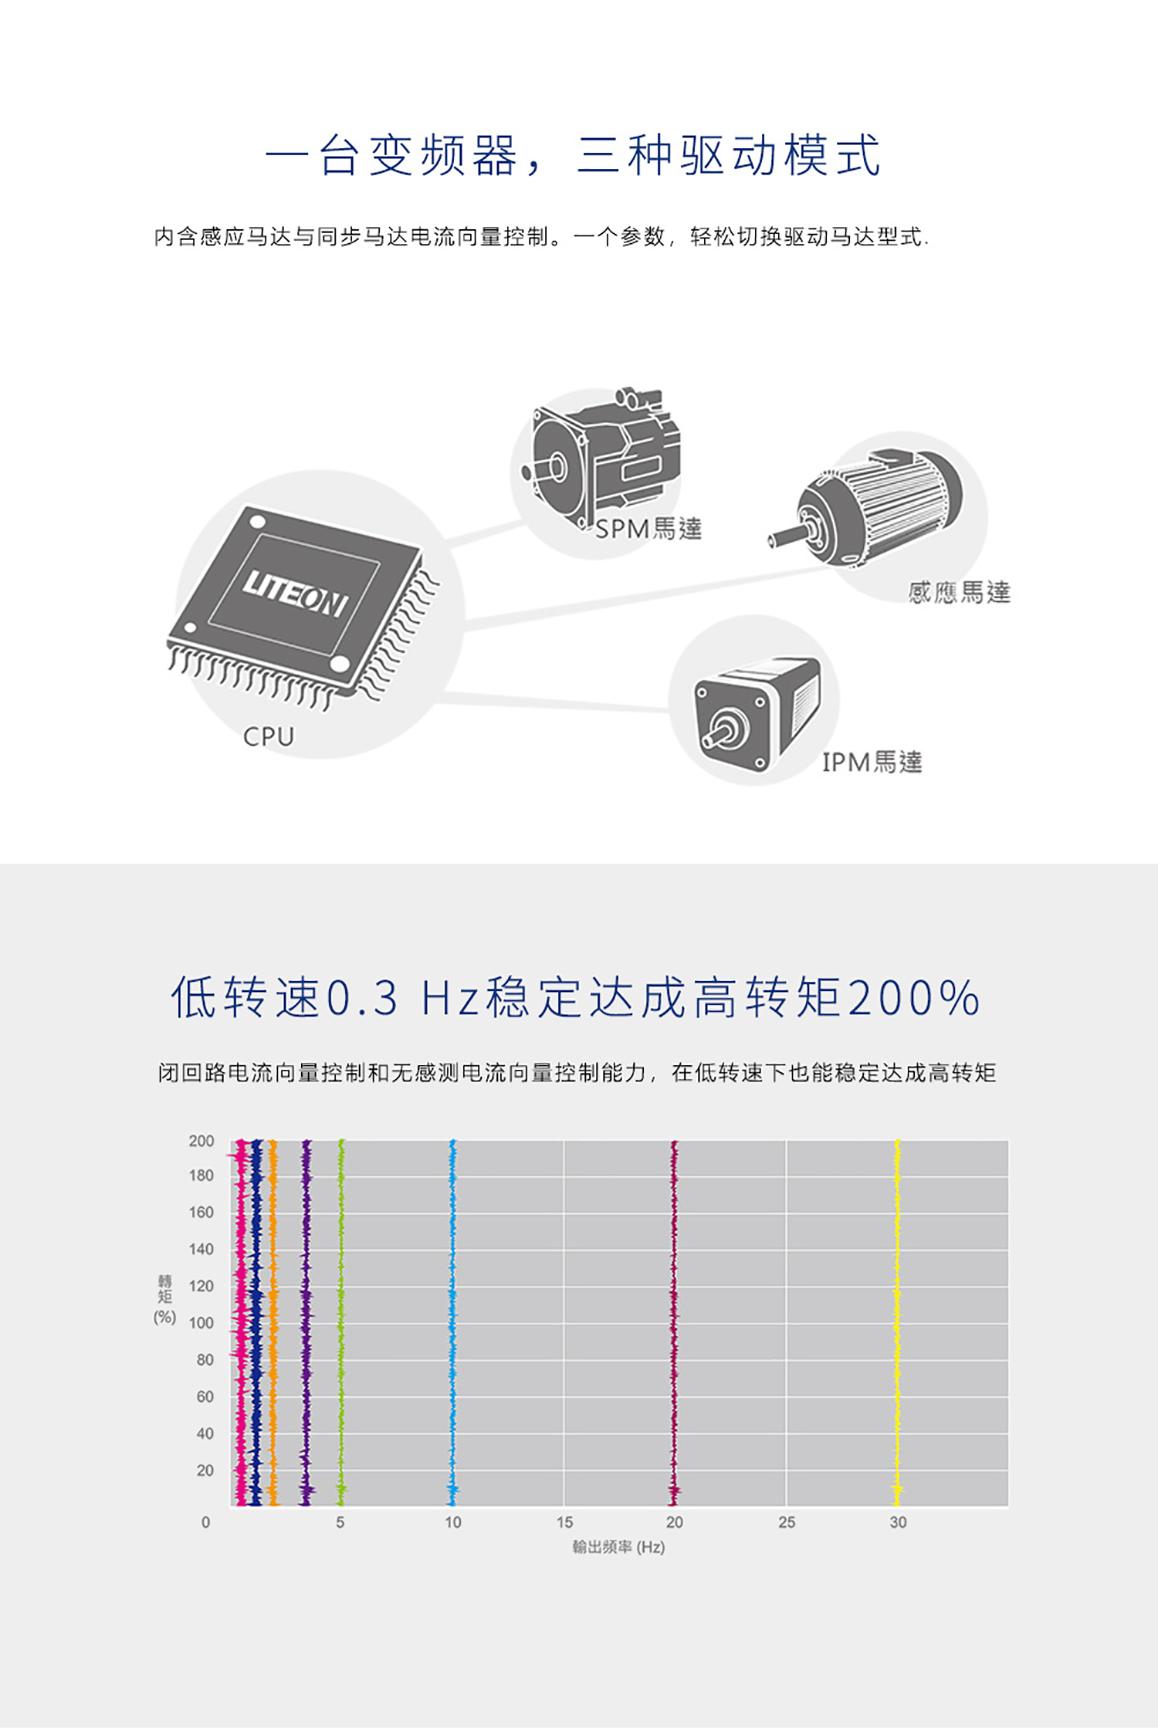 光宝变频器8000型LITEON伺服控制器工业变频器高性能矢量变频器